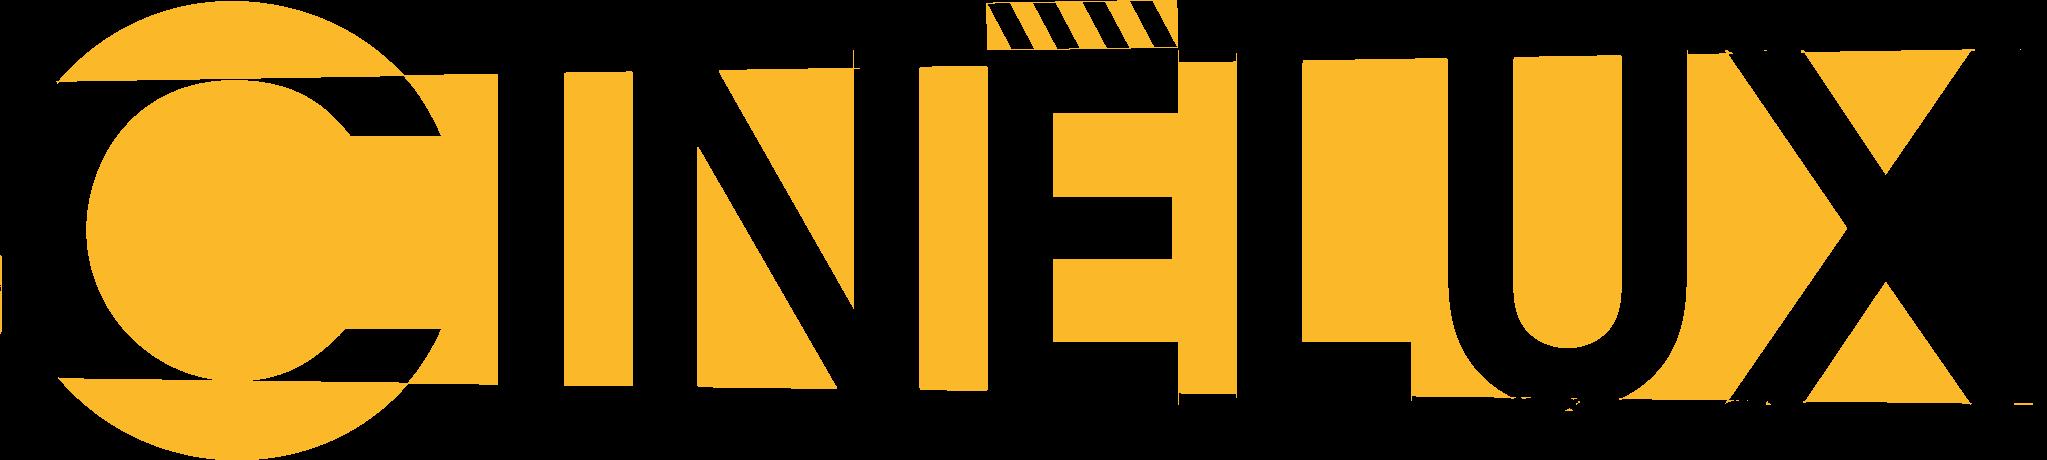 1 cinelux